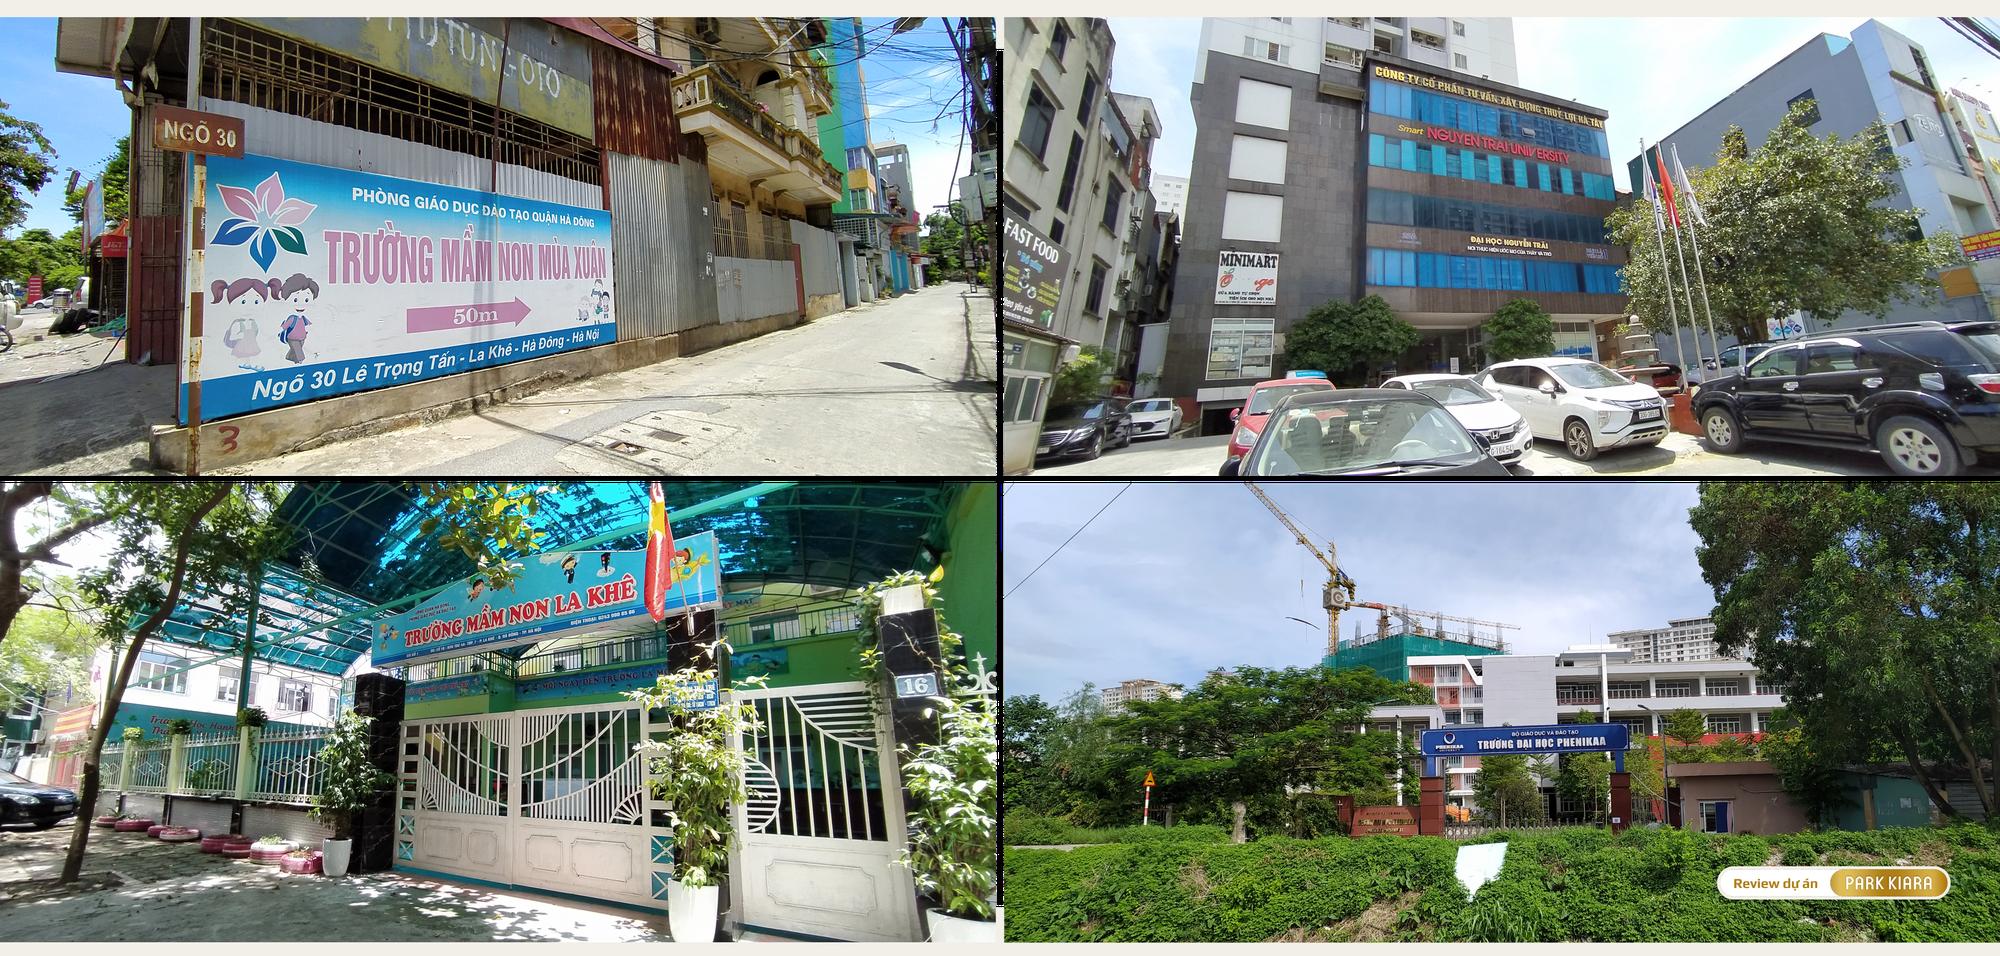 Review dự án chung cư Park Kiara: 80% là căn góc, gần trục chính Lê Văn Lương - Lê Trọng Tấn kéo dài - Ảnh 10.